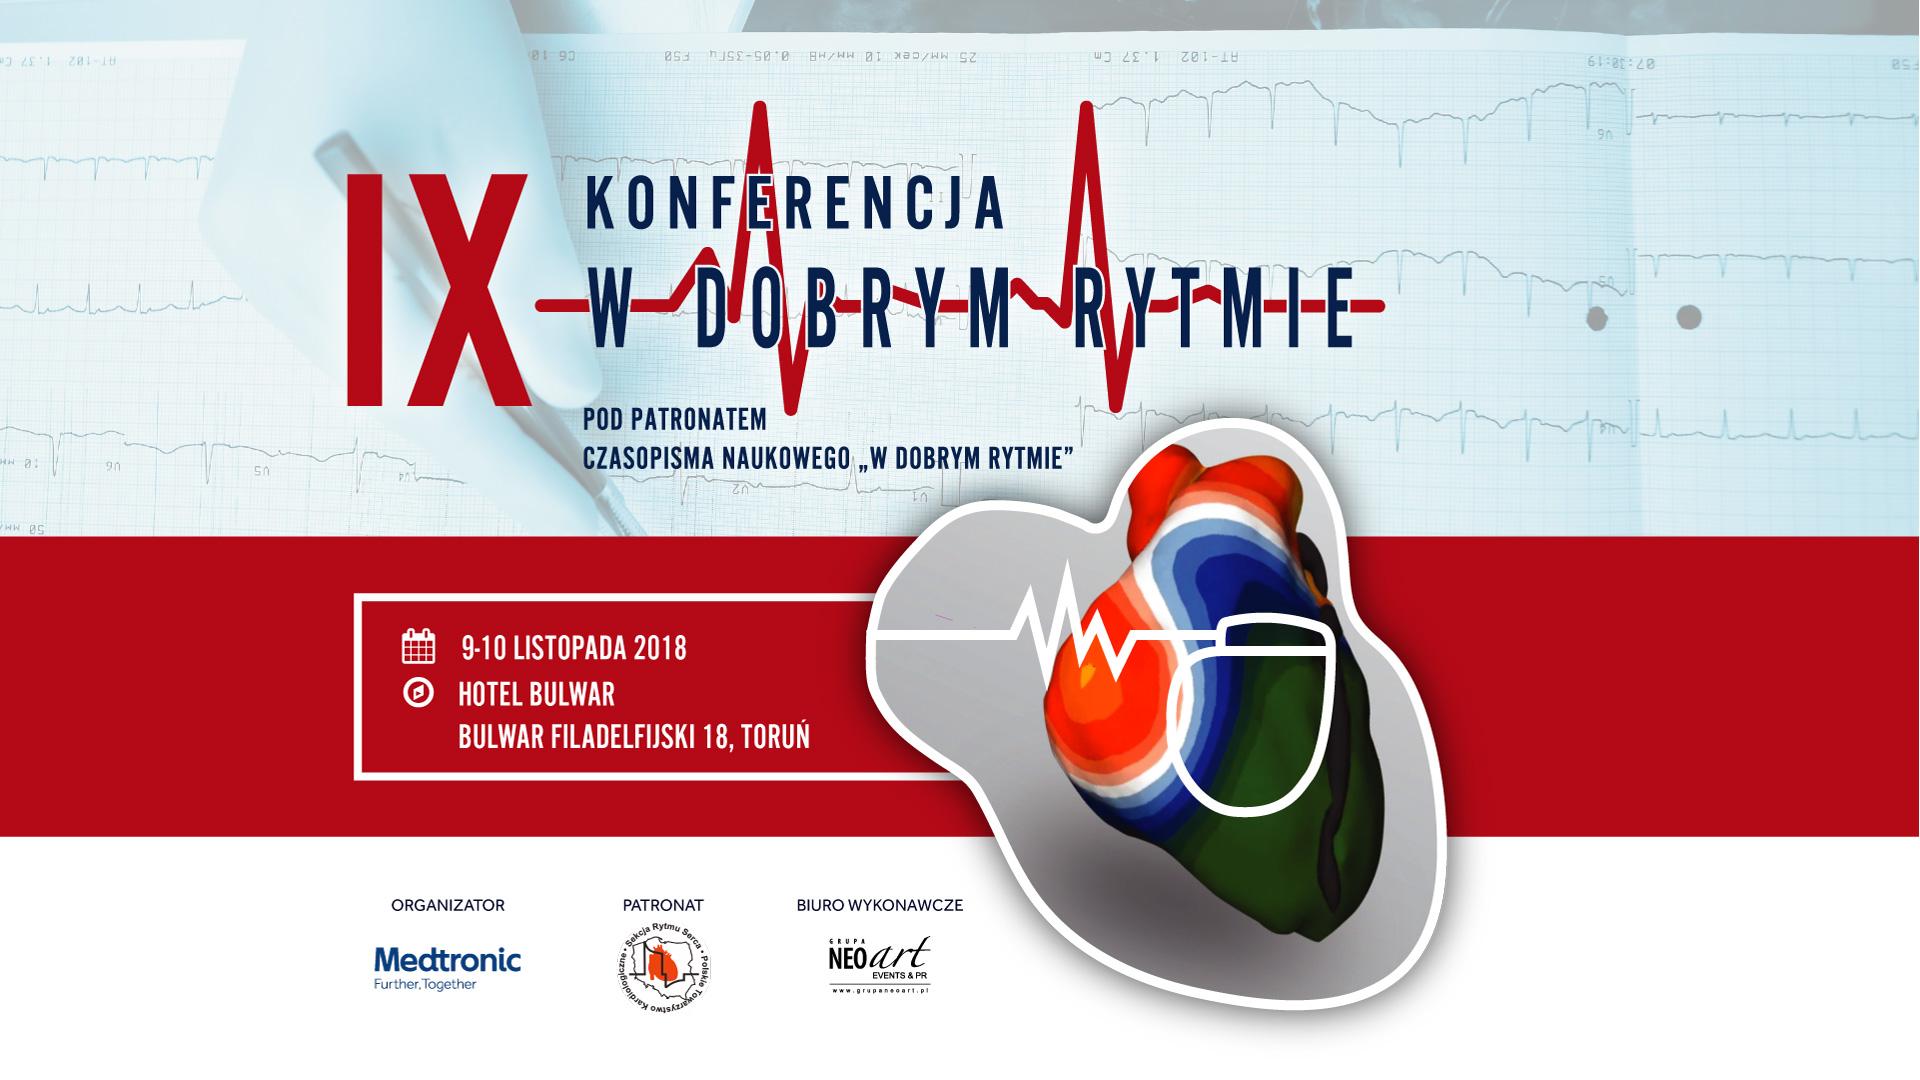 IX Konferencja W Dobrym Rytmie